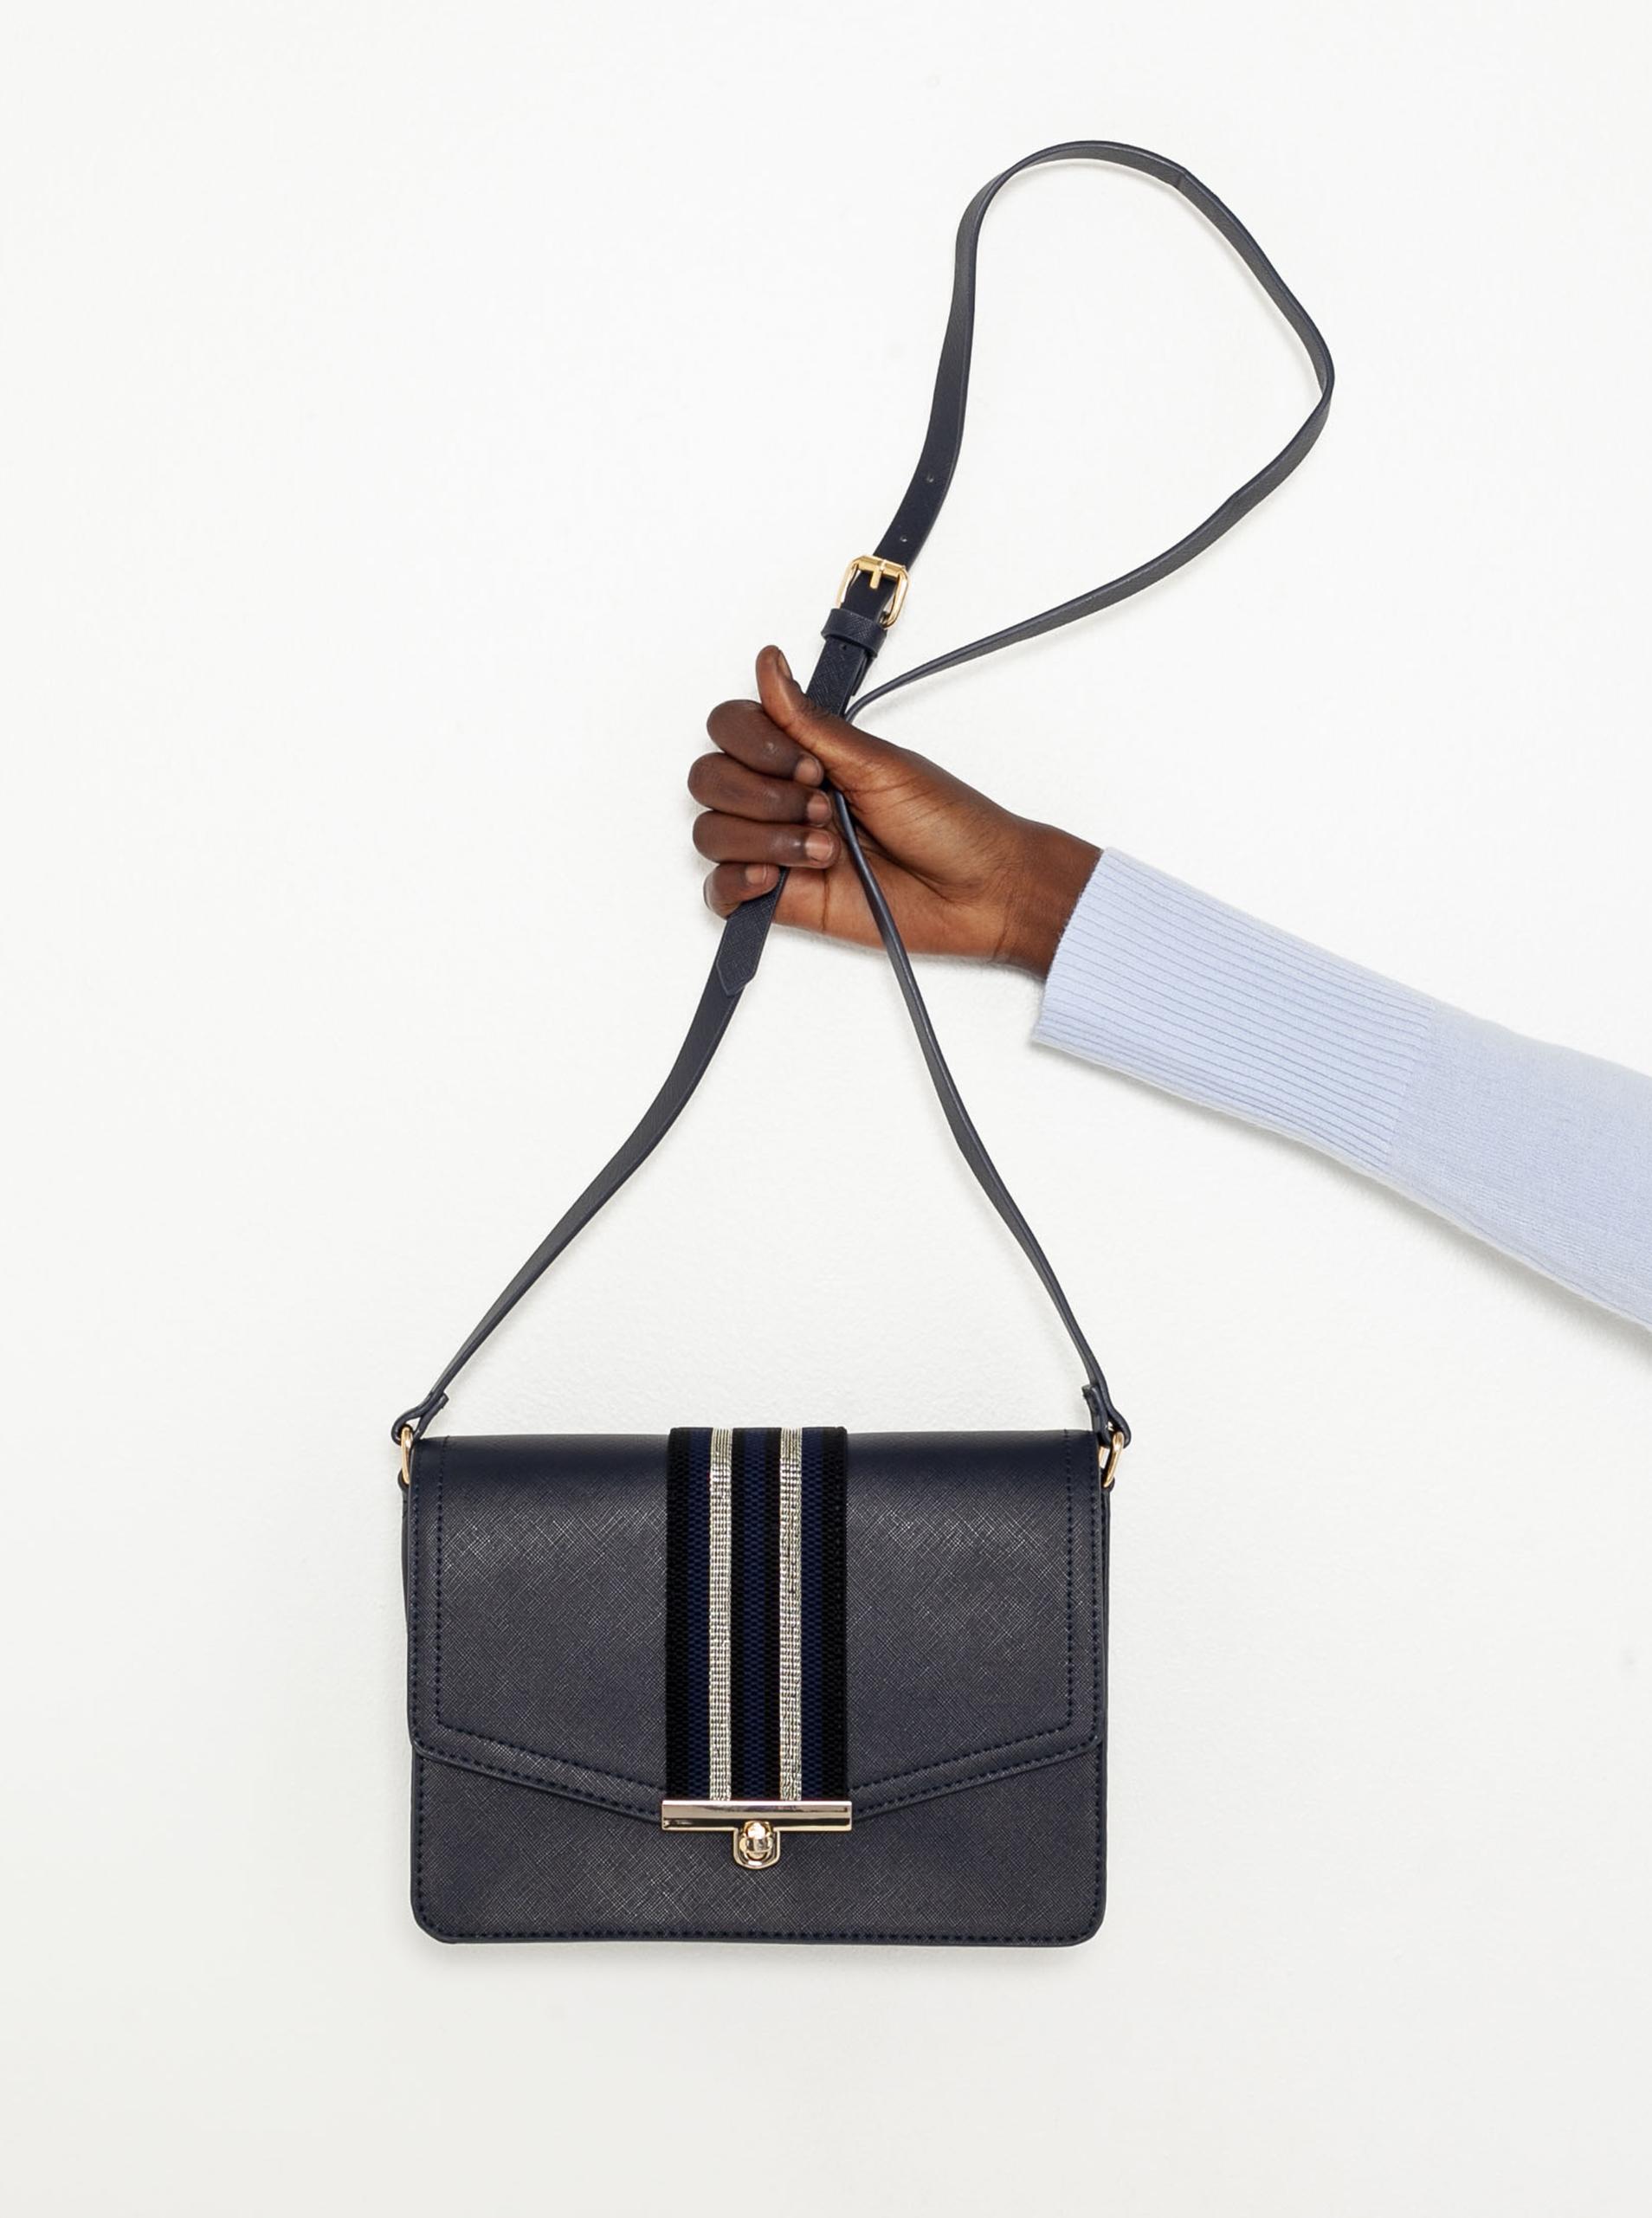 CAMAIEU Women's bag black